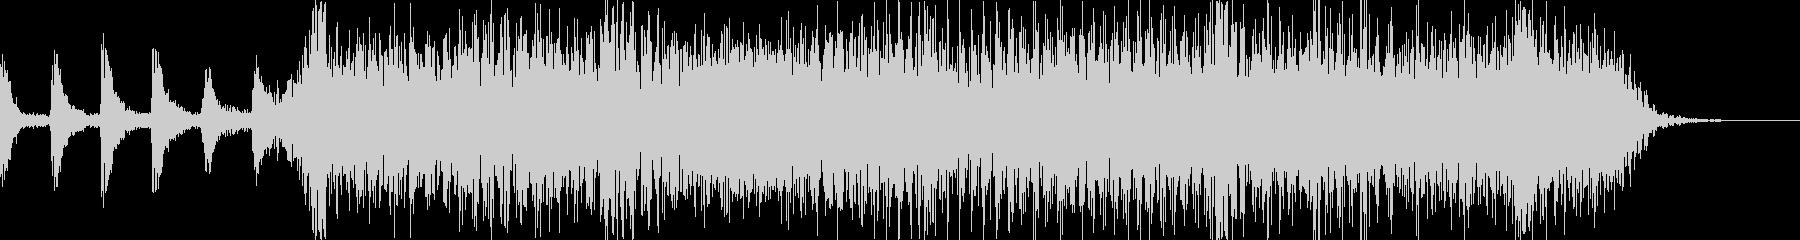 ロックバンド2〜3秒ショートジングル2の未再生の波形